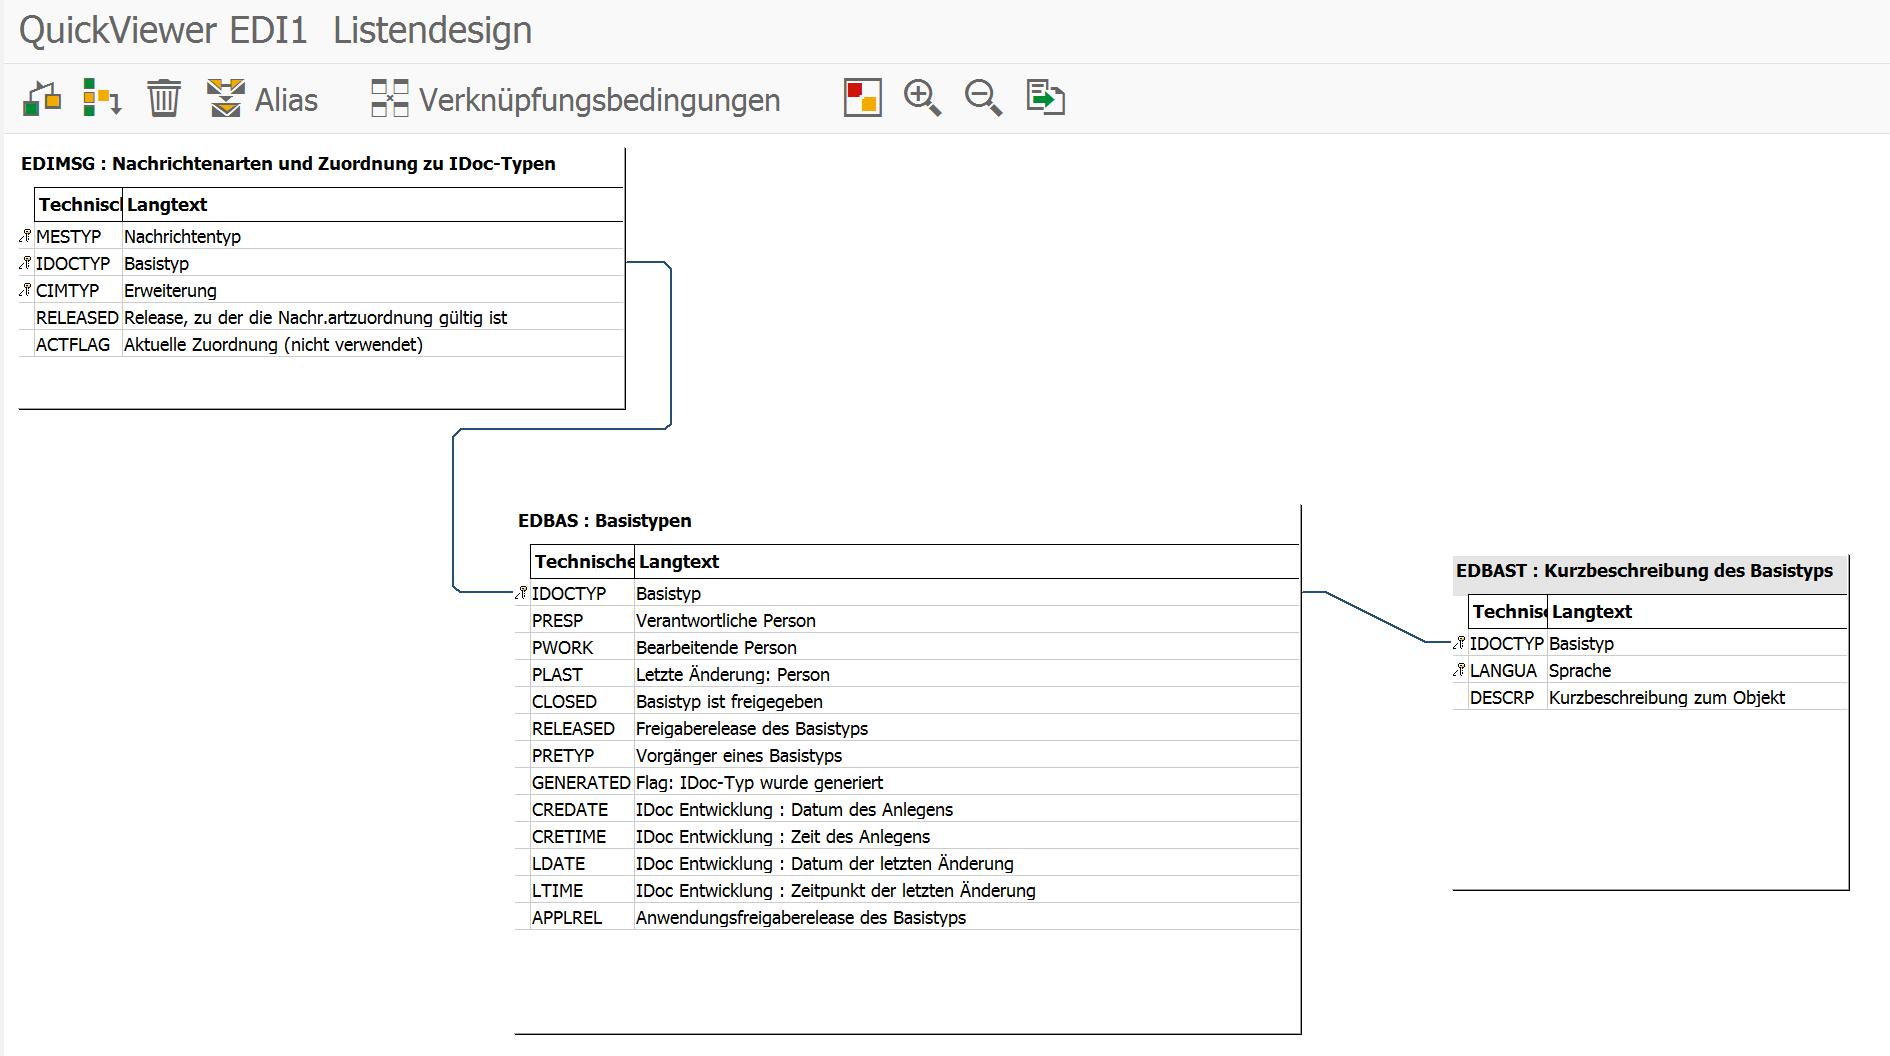 IDoc-Tabellen im QuickViewer